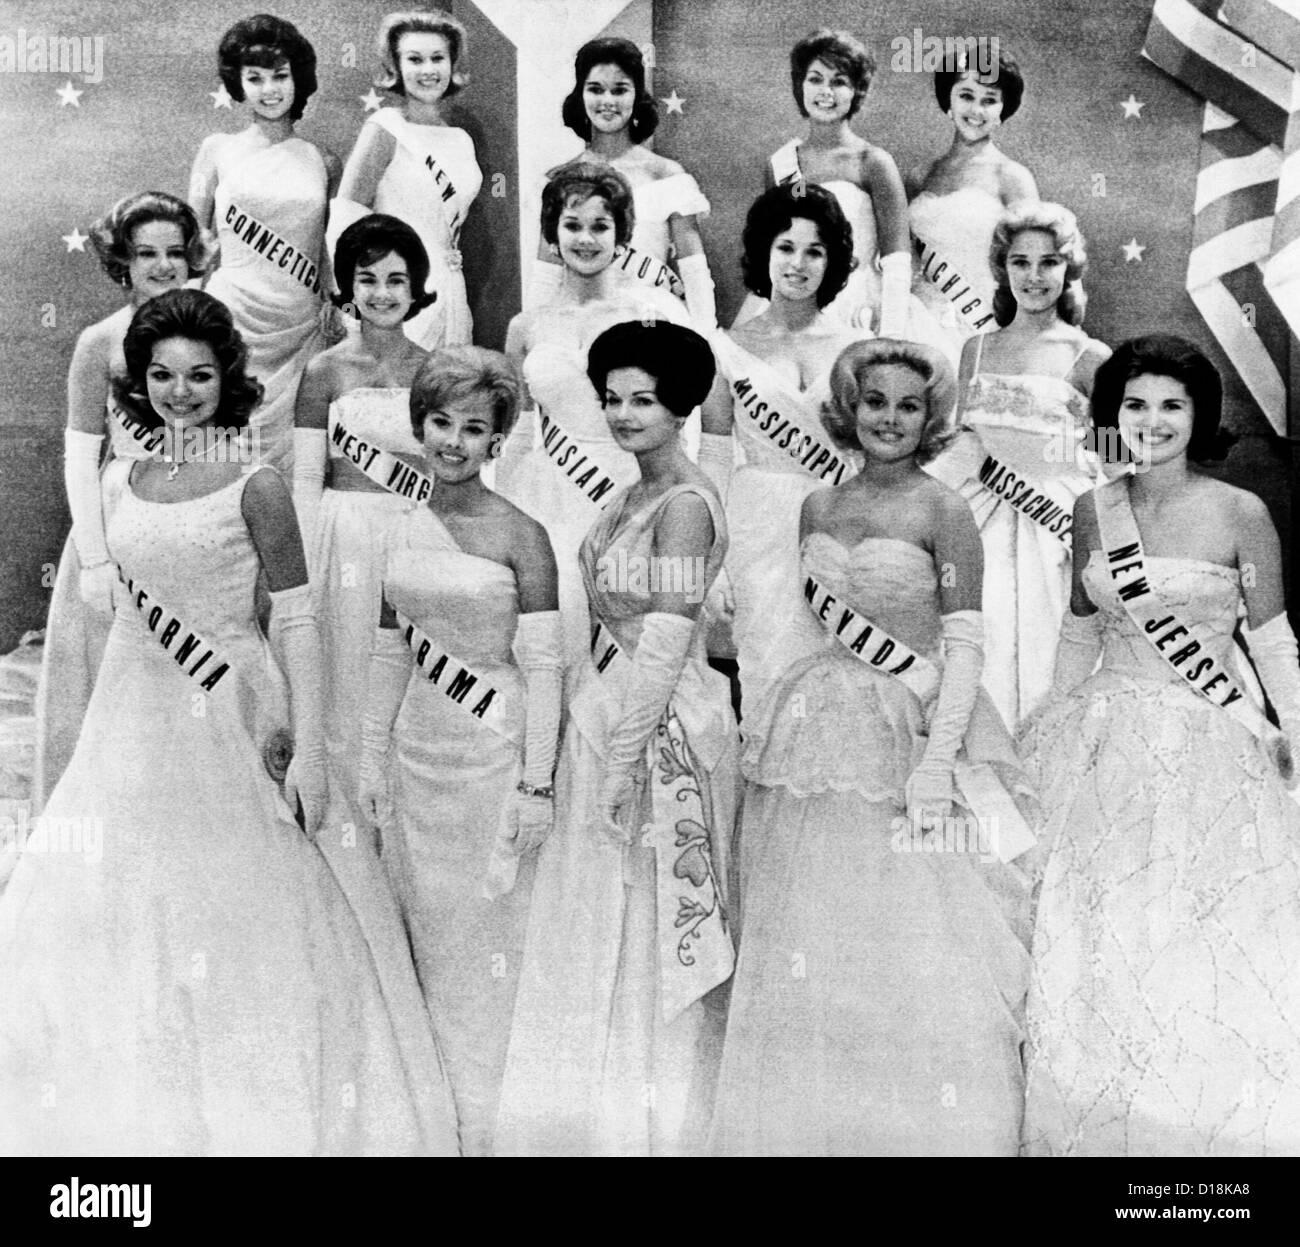 Miss USA 1961 finalistas en la primera fase del concurso de Miss Universo en Miami, Florida. El 12 de julio de 1961. Foto de stock